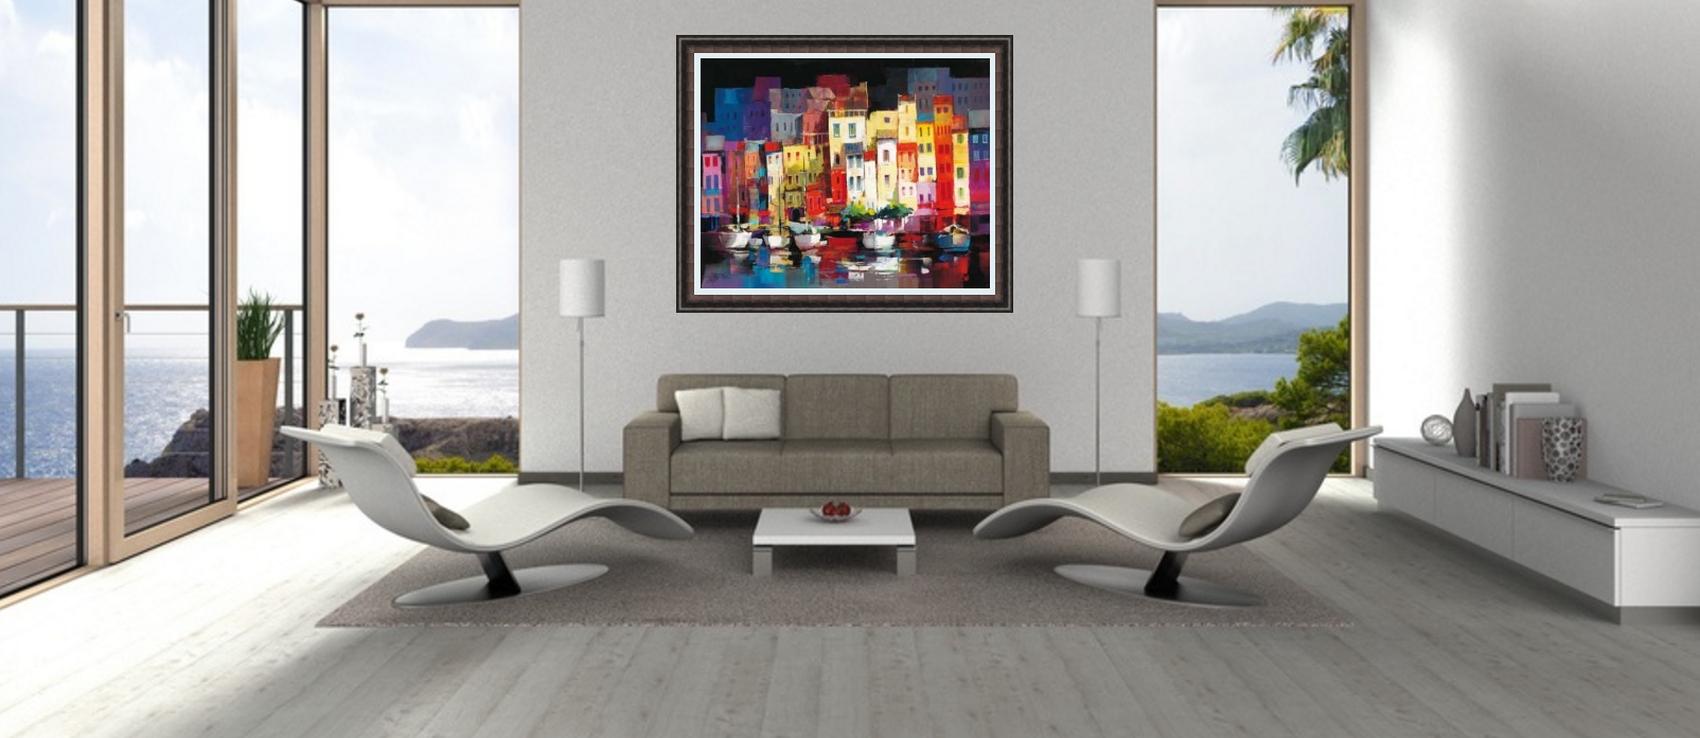 kunstdrucke leinwand und gem lde online bestellen galerie munk. Black Bedroom Furniture Sets. Home Design Ideas